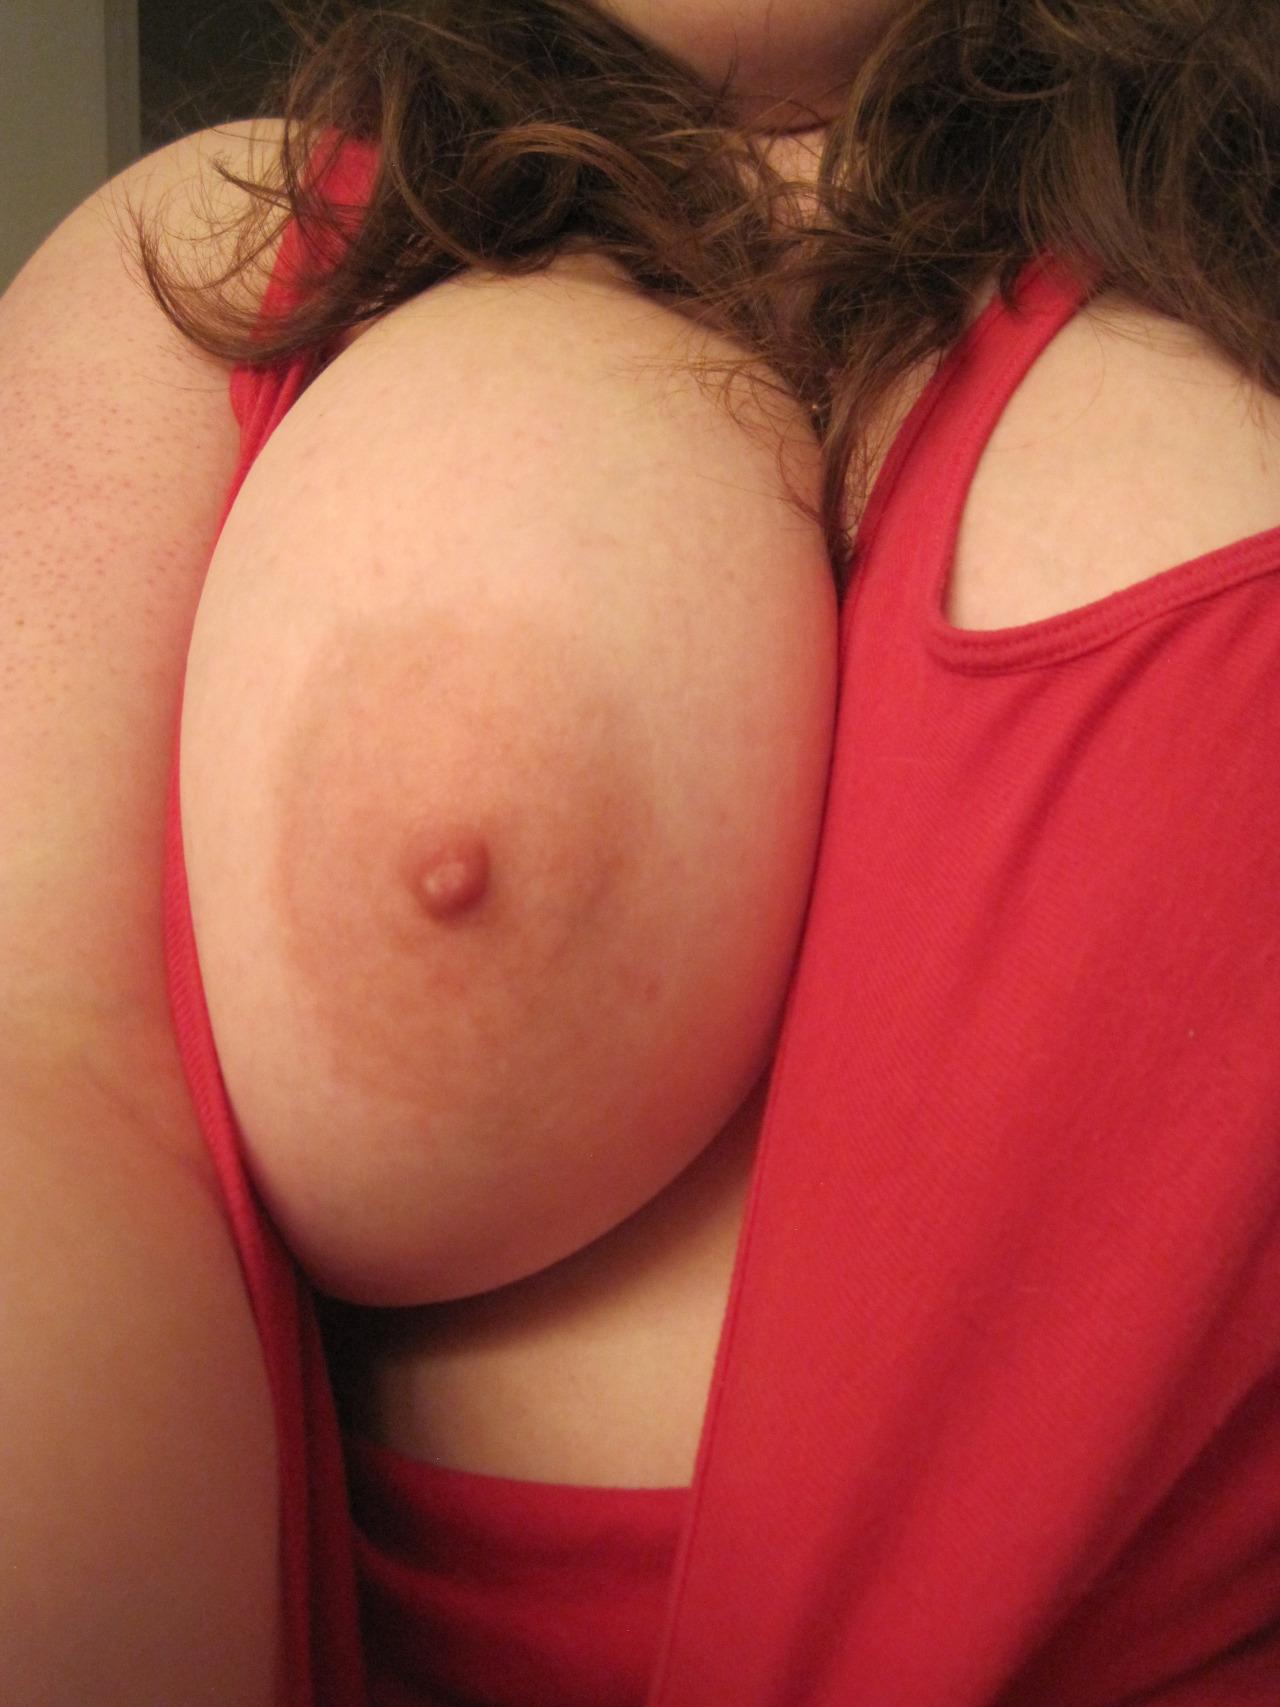 Nana ronde à gros seins cherche mec bien monté